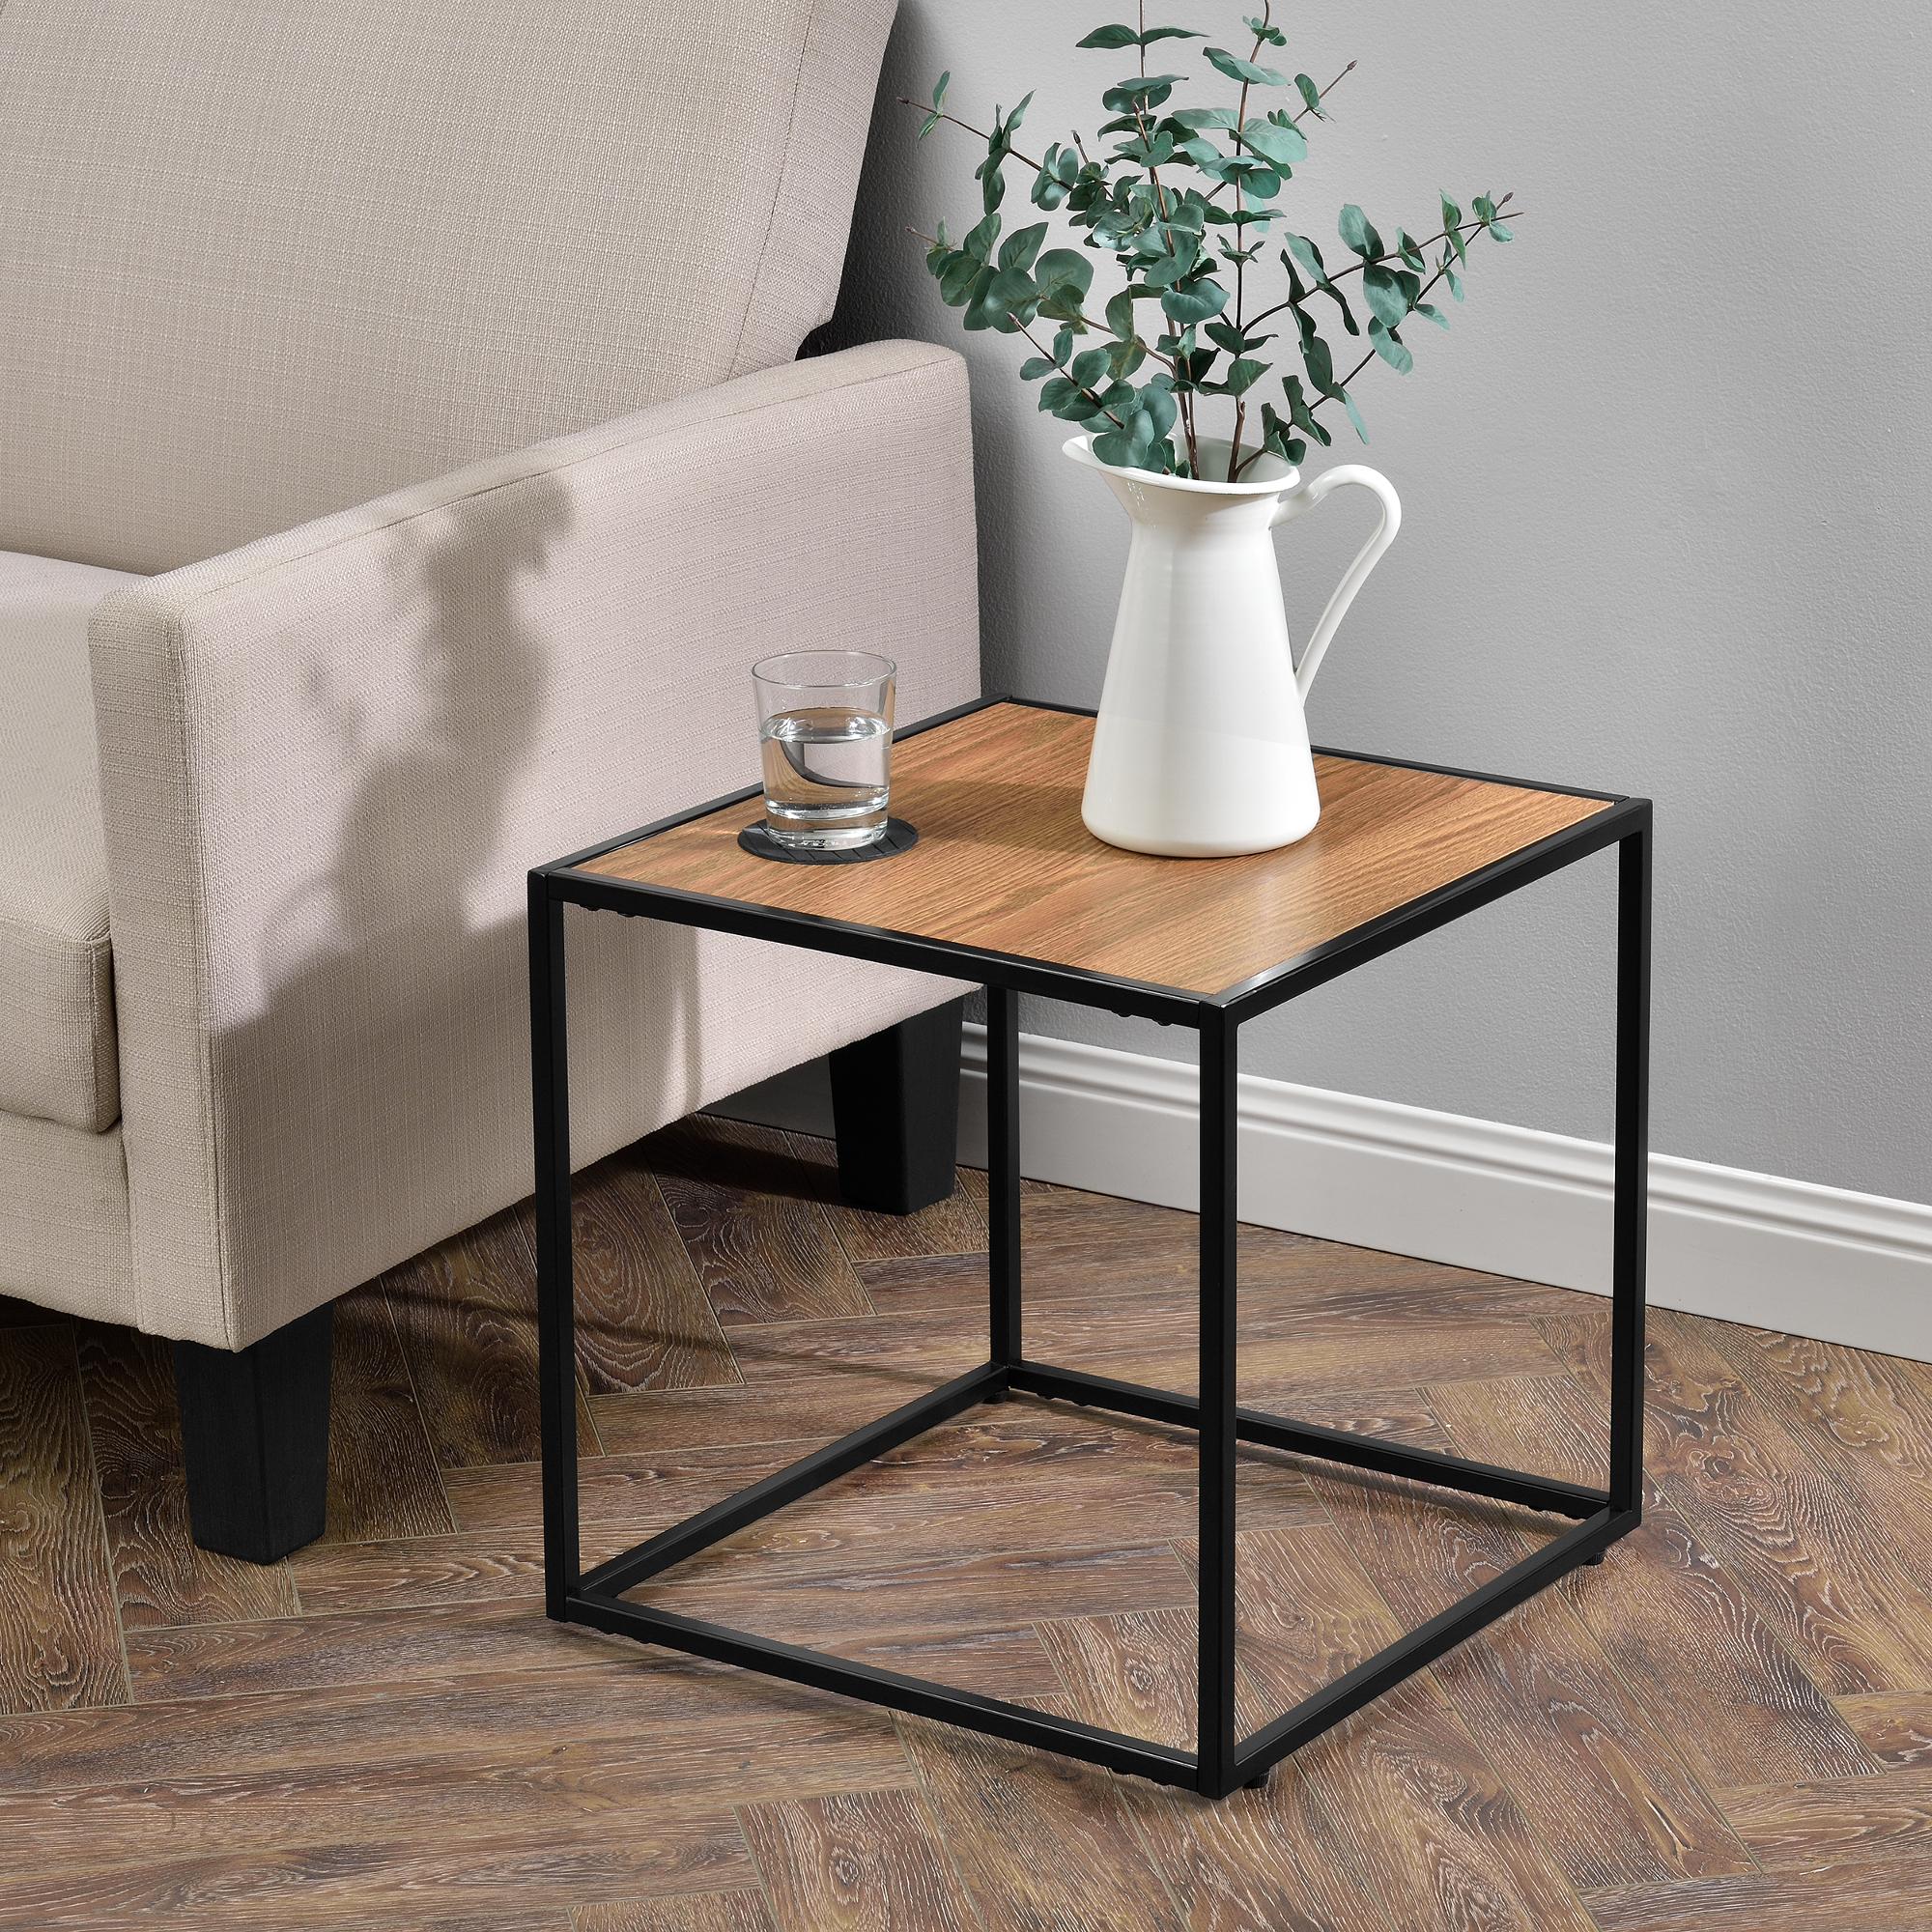 Beistelltisch couchtisch holz metall tisch for Beistelltisch designklassiker